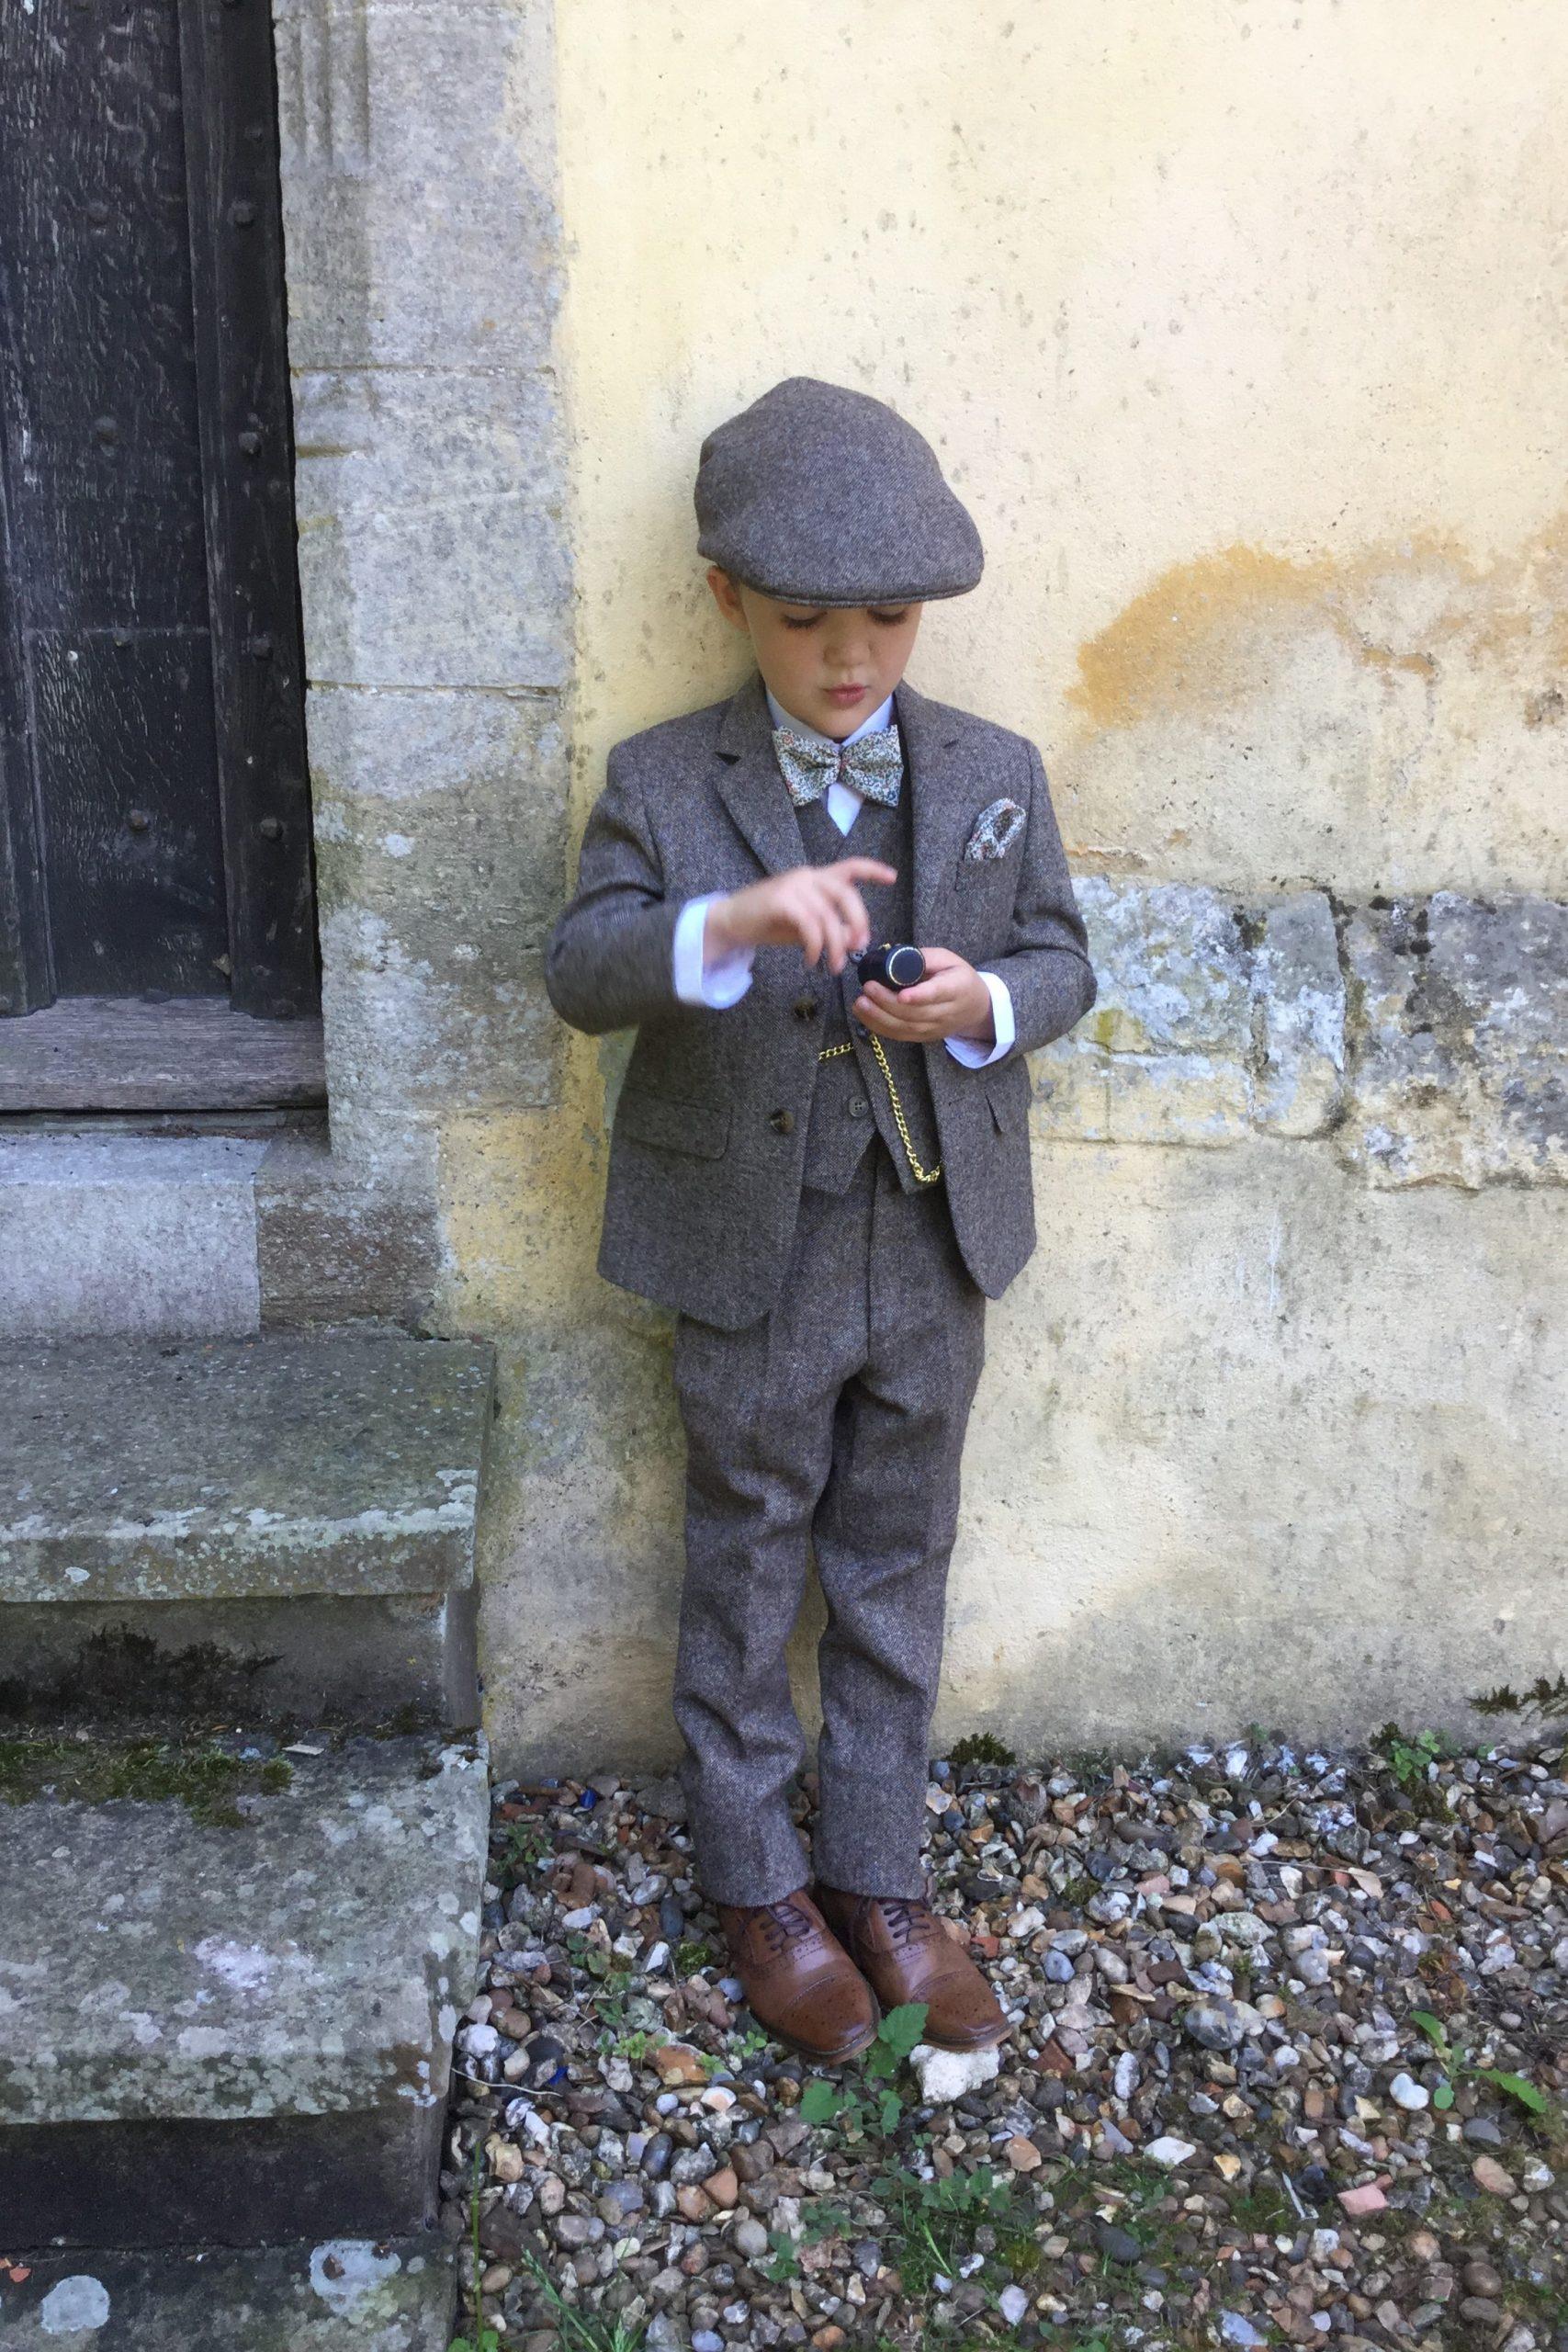 Wedding Pageboy in Heritage Tweed Suit